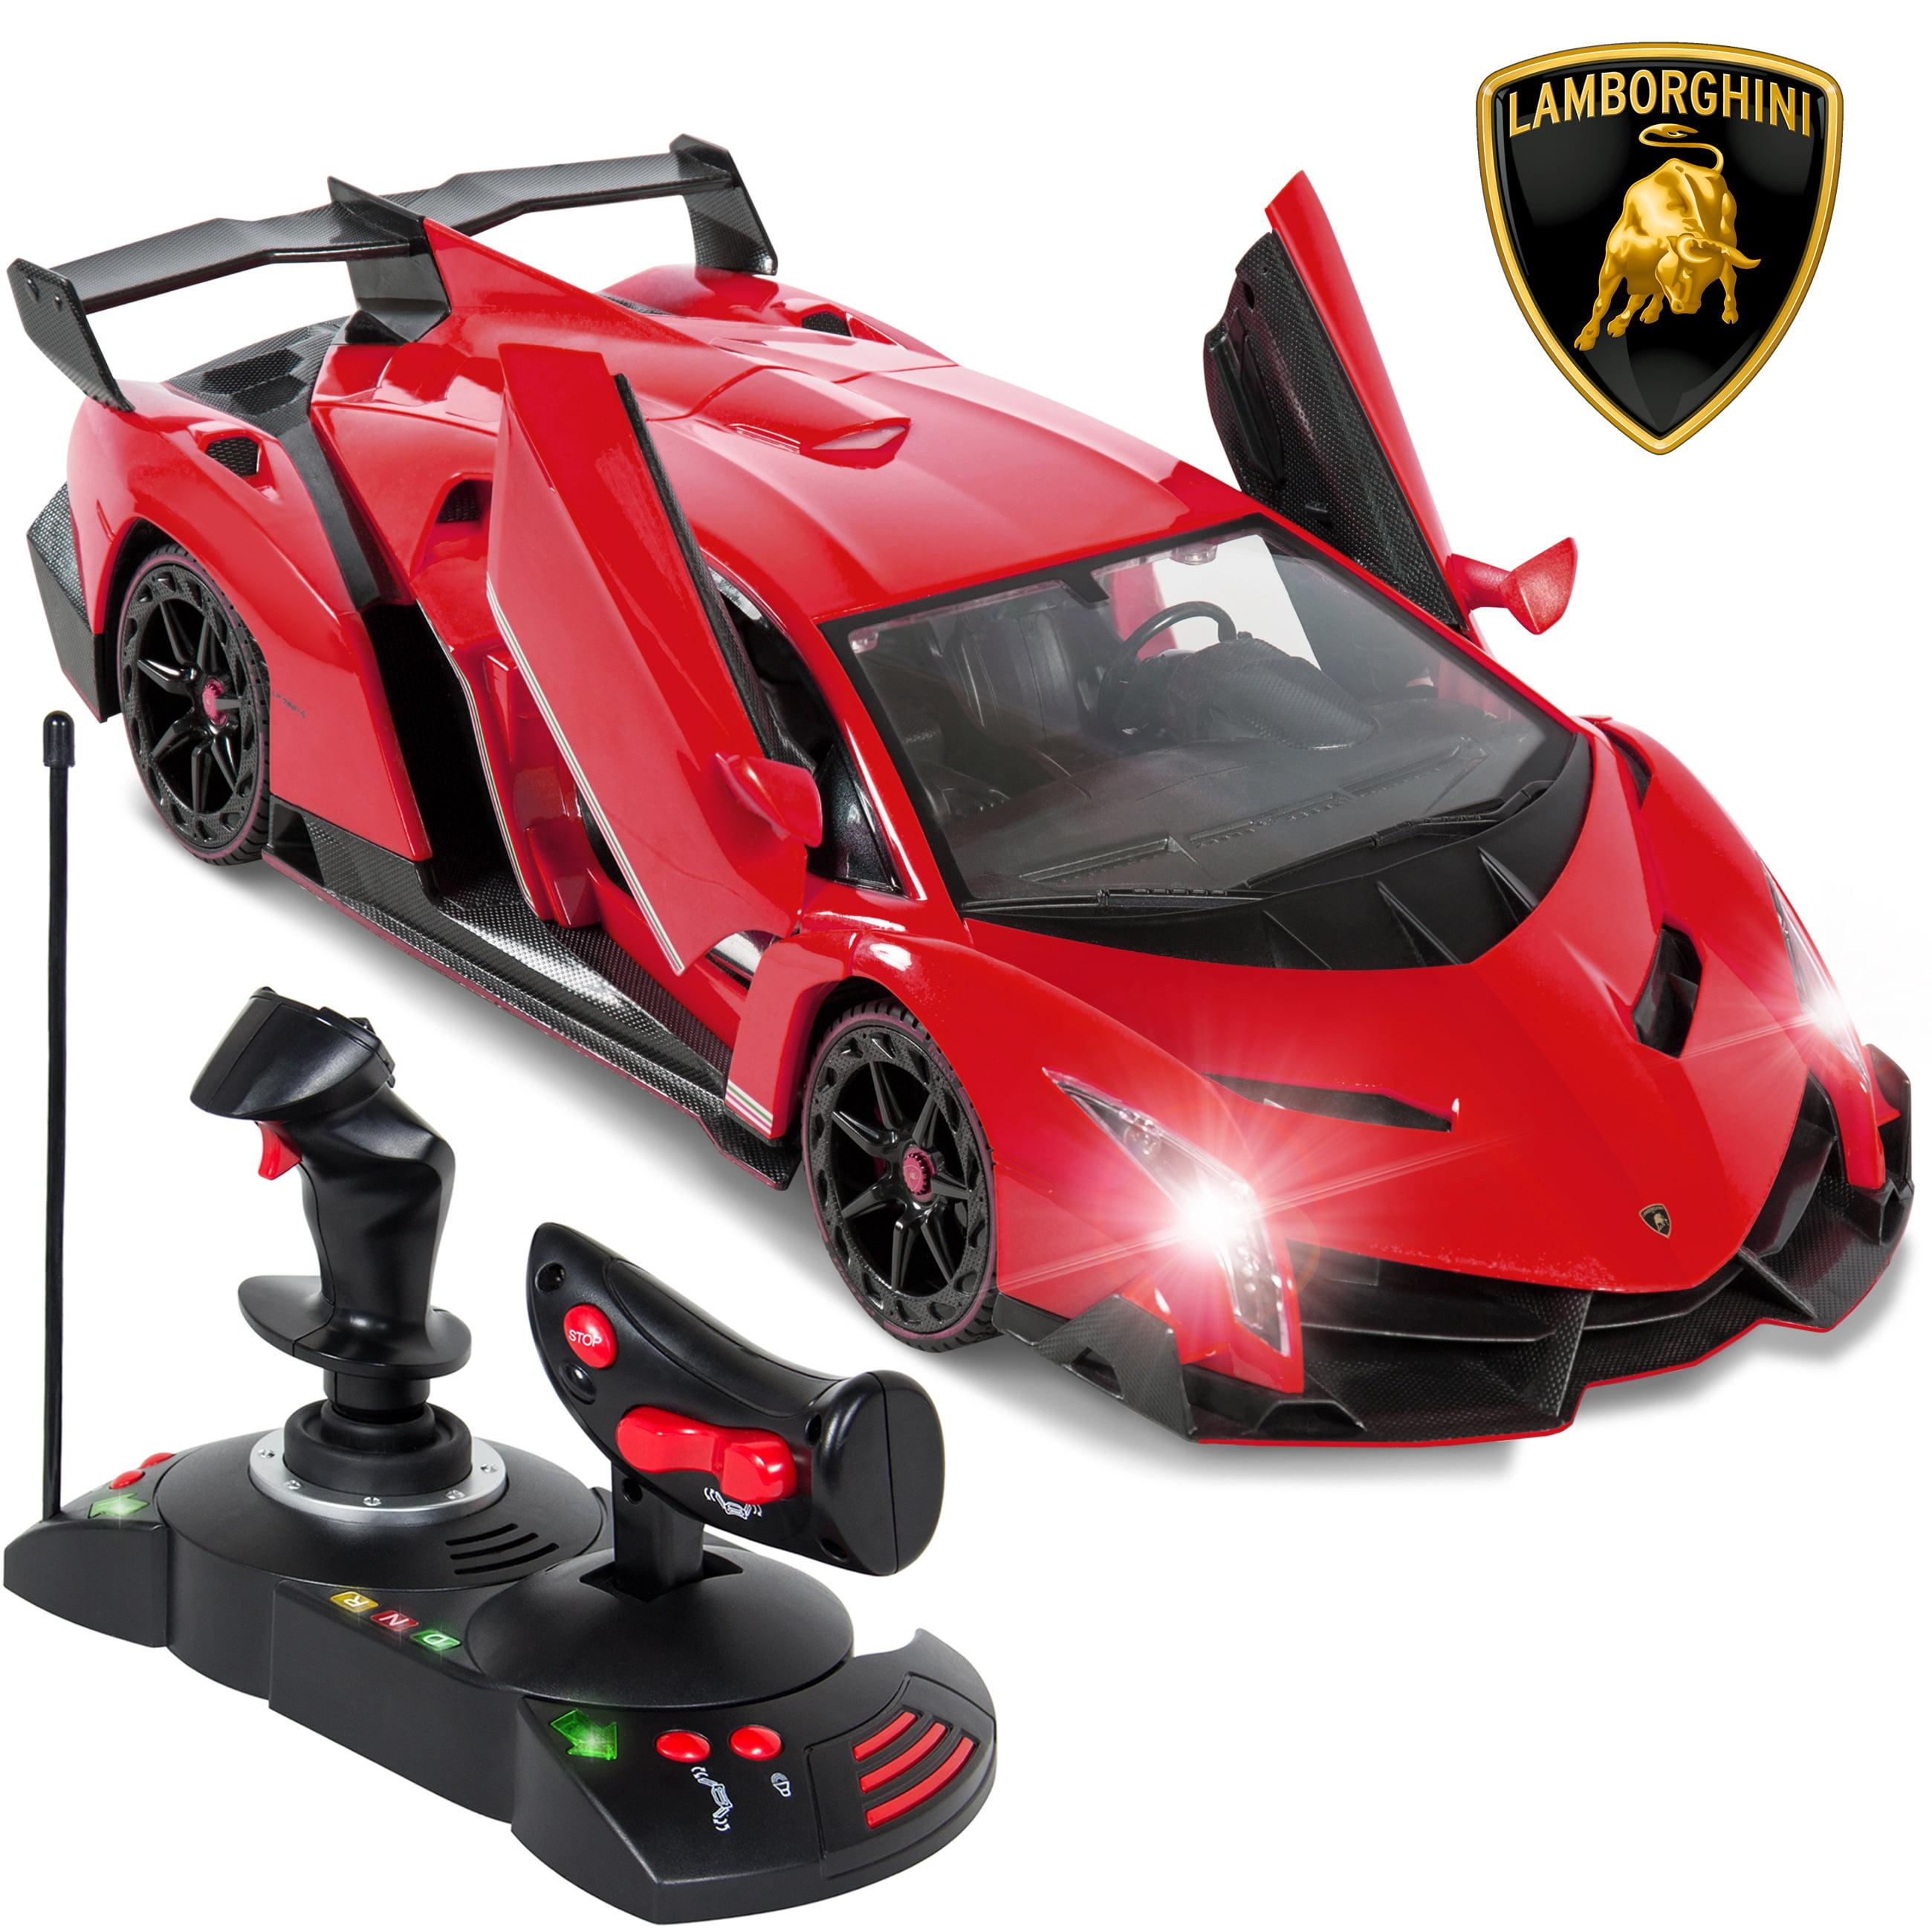 Best Choice Products 1/14 Scale RC Lamborghini Veneno Gravity Sensor Radio Remote Control Car Red